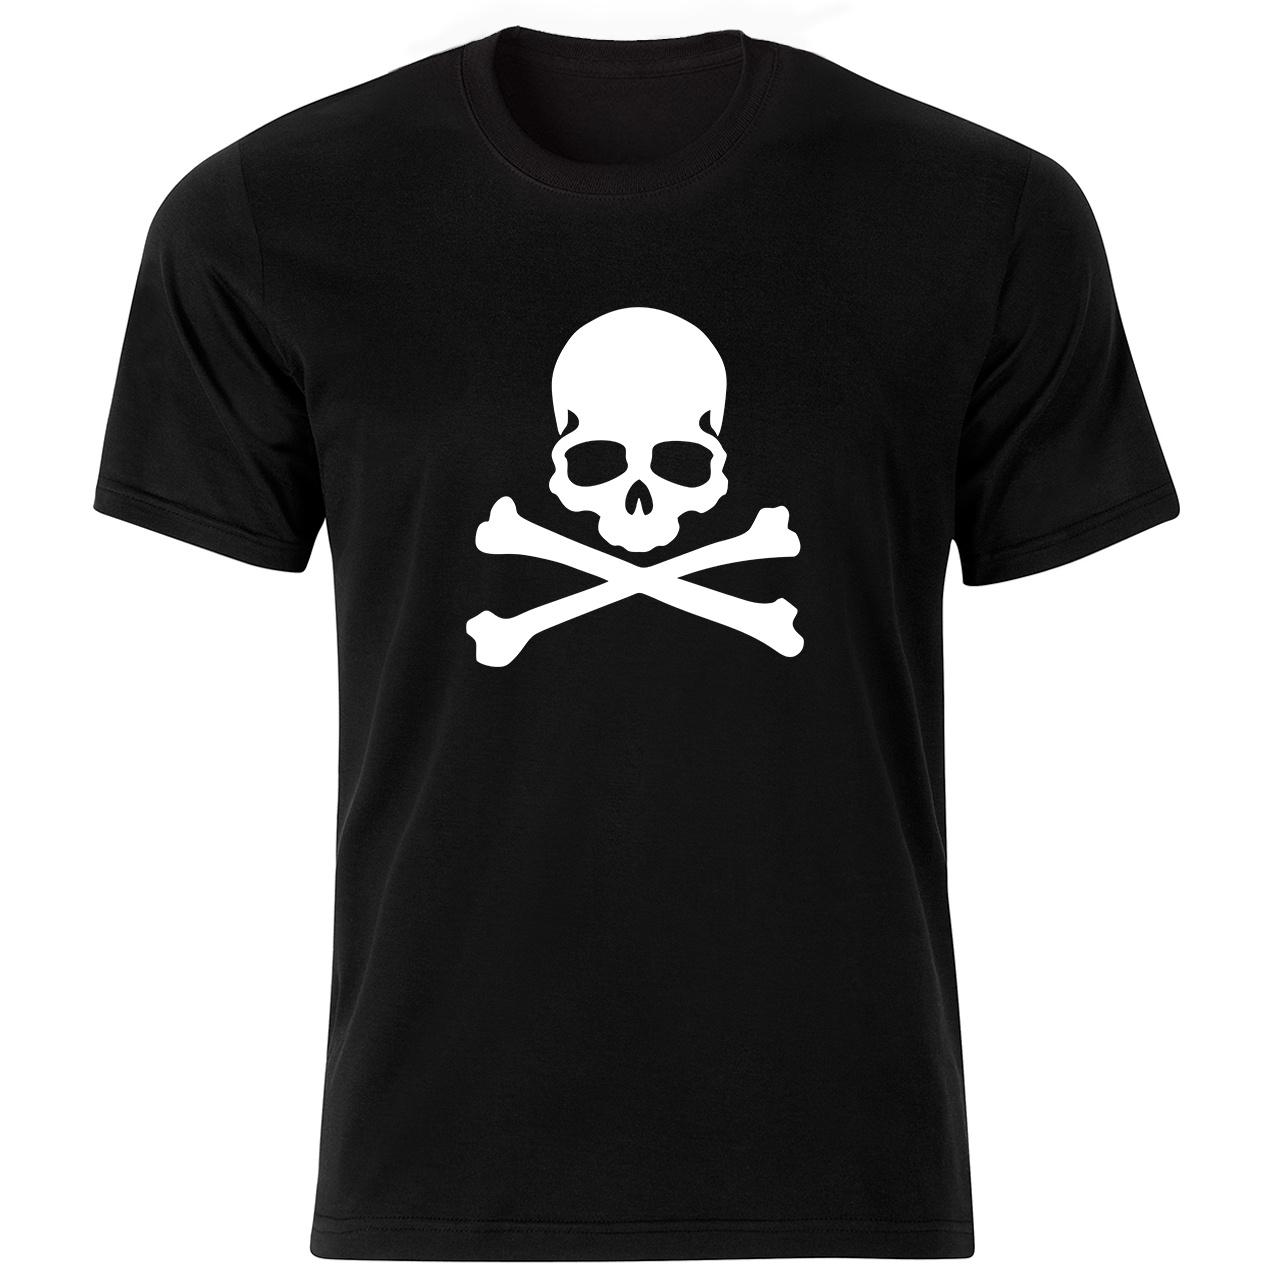 تصویر تی شرت آستین کوتاه مردانه طرح اسکلت کد ۱۸۱۹۵ BW